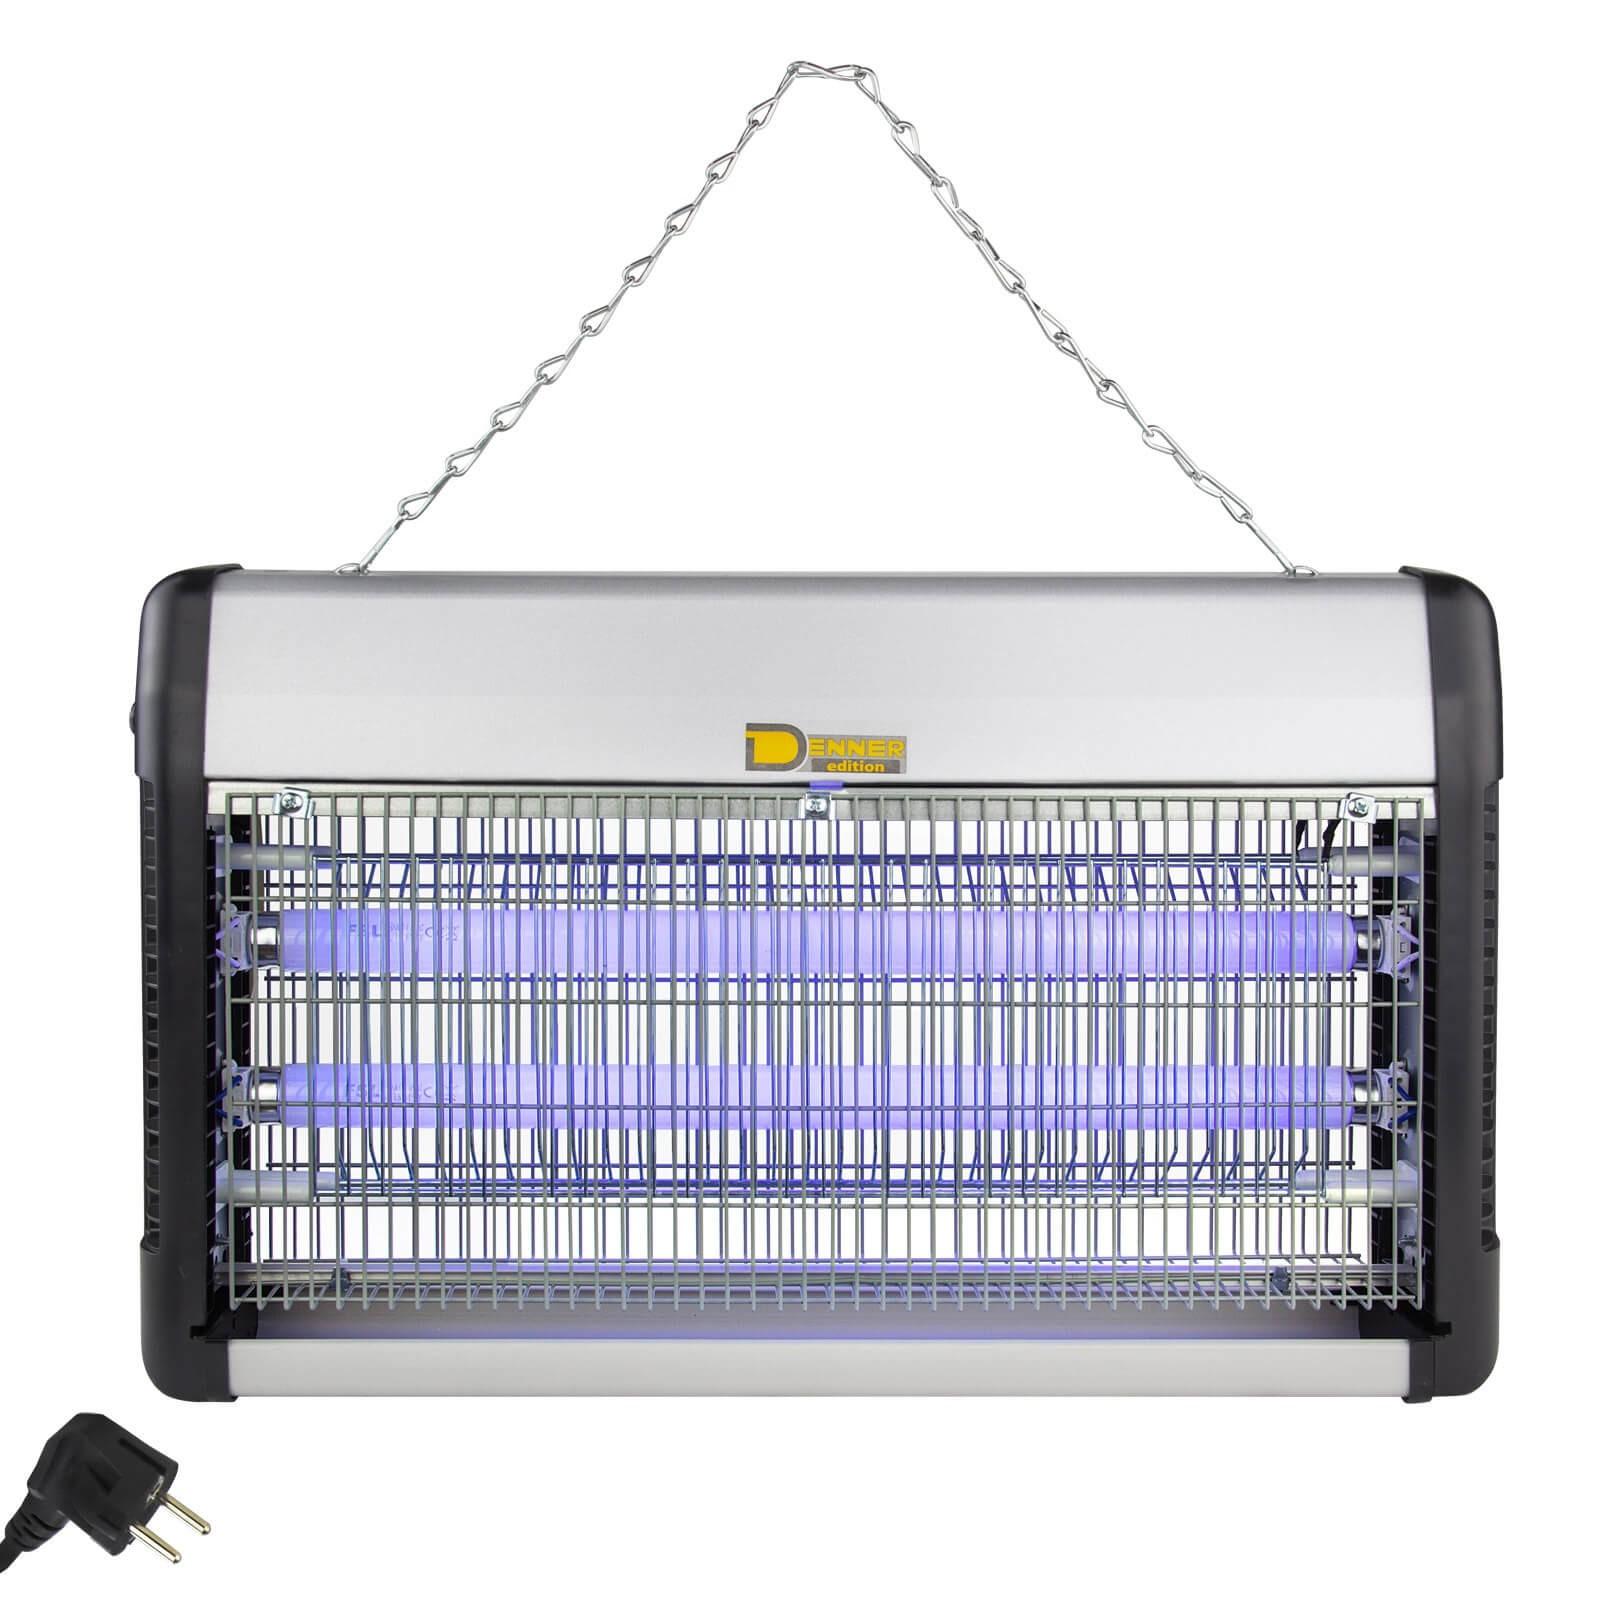 Denner-Edition Insektenvernichter Insektenlampe Insektenfalle Insektenkiller Fliegenfalle 30W 94251